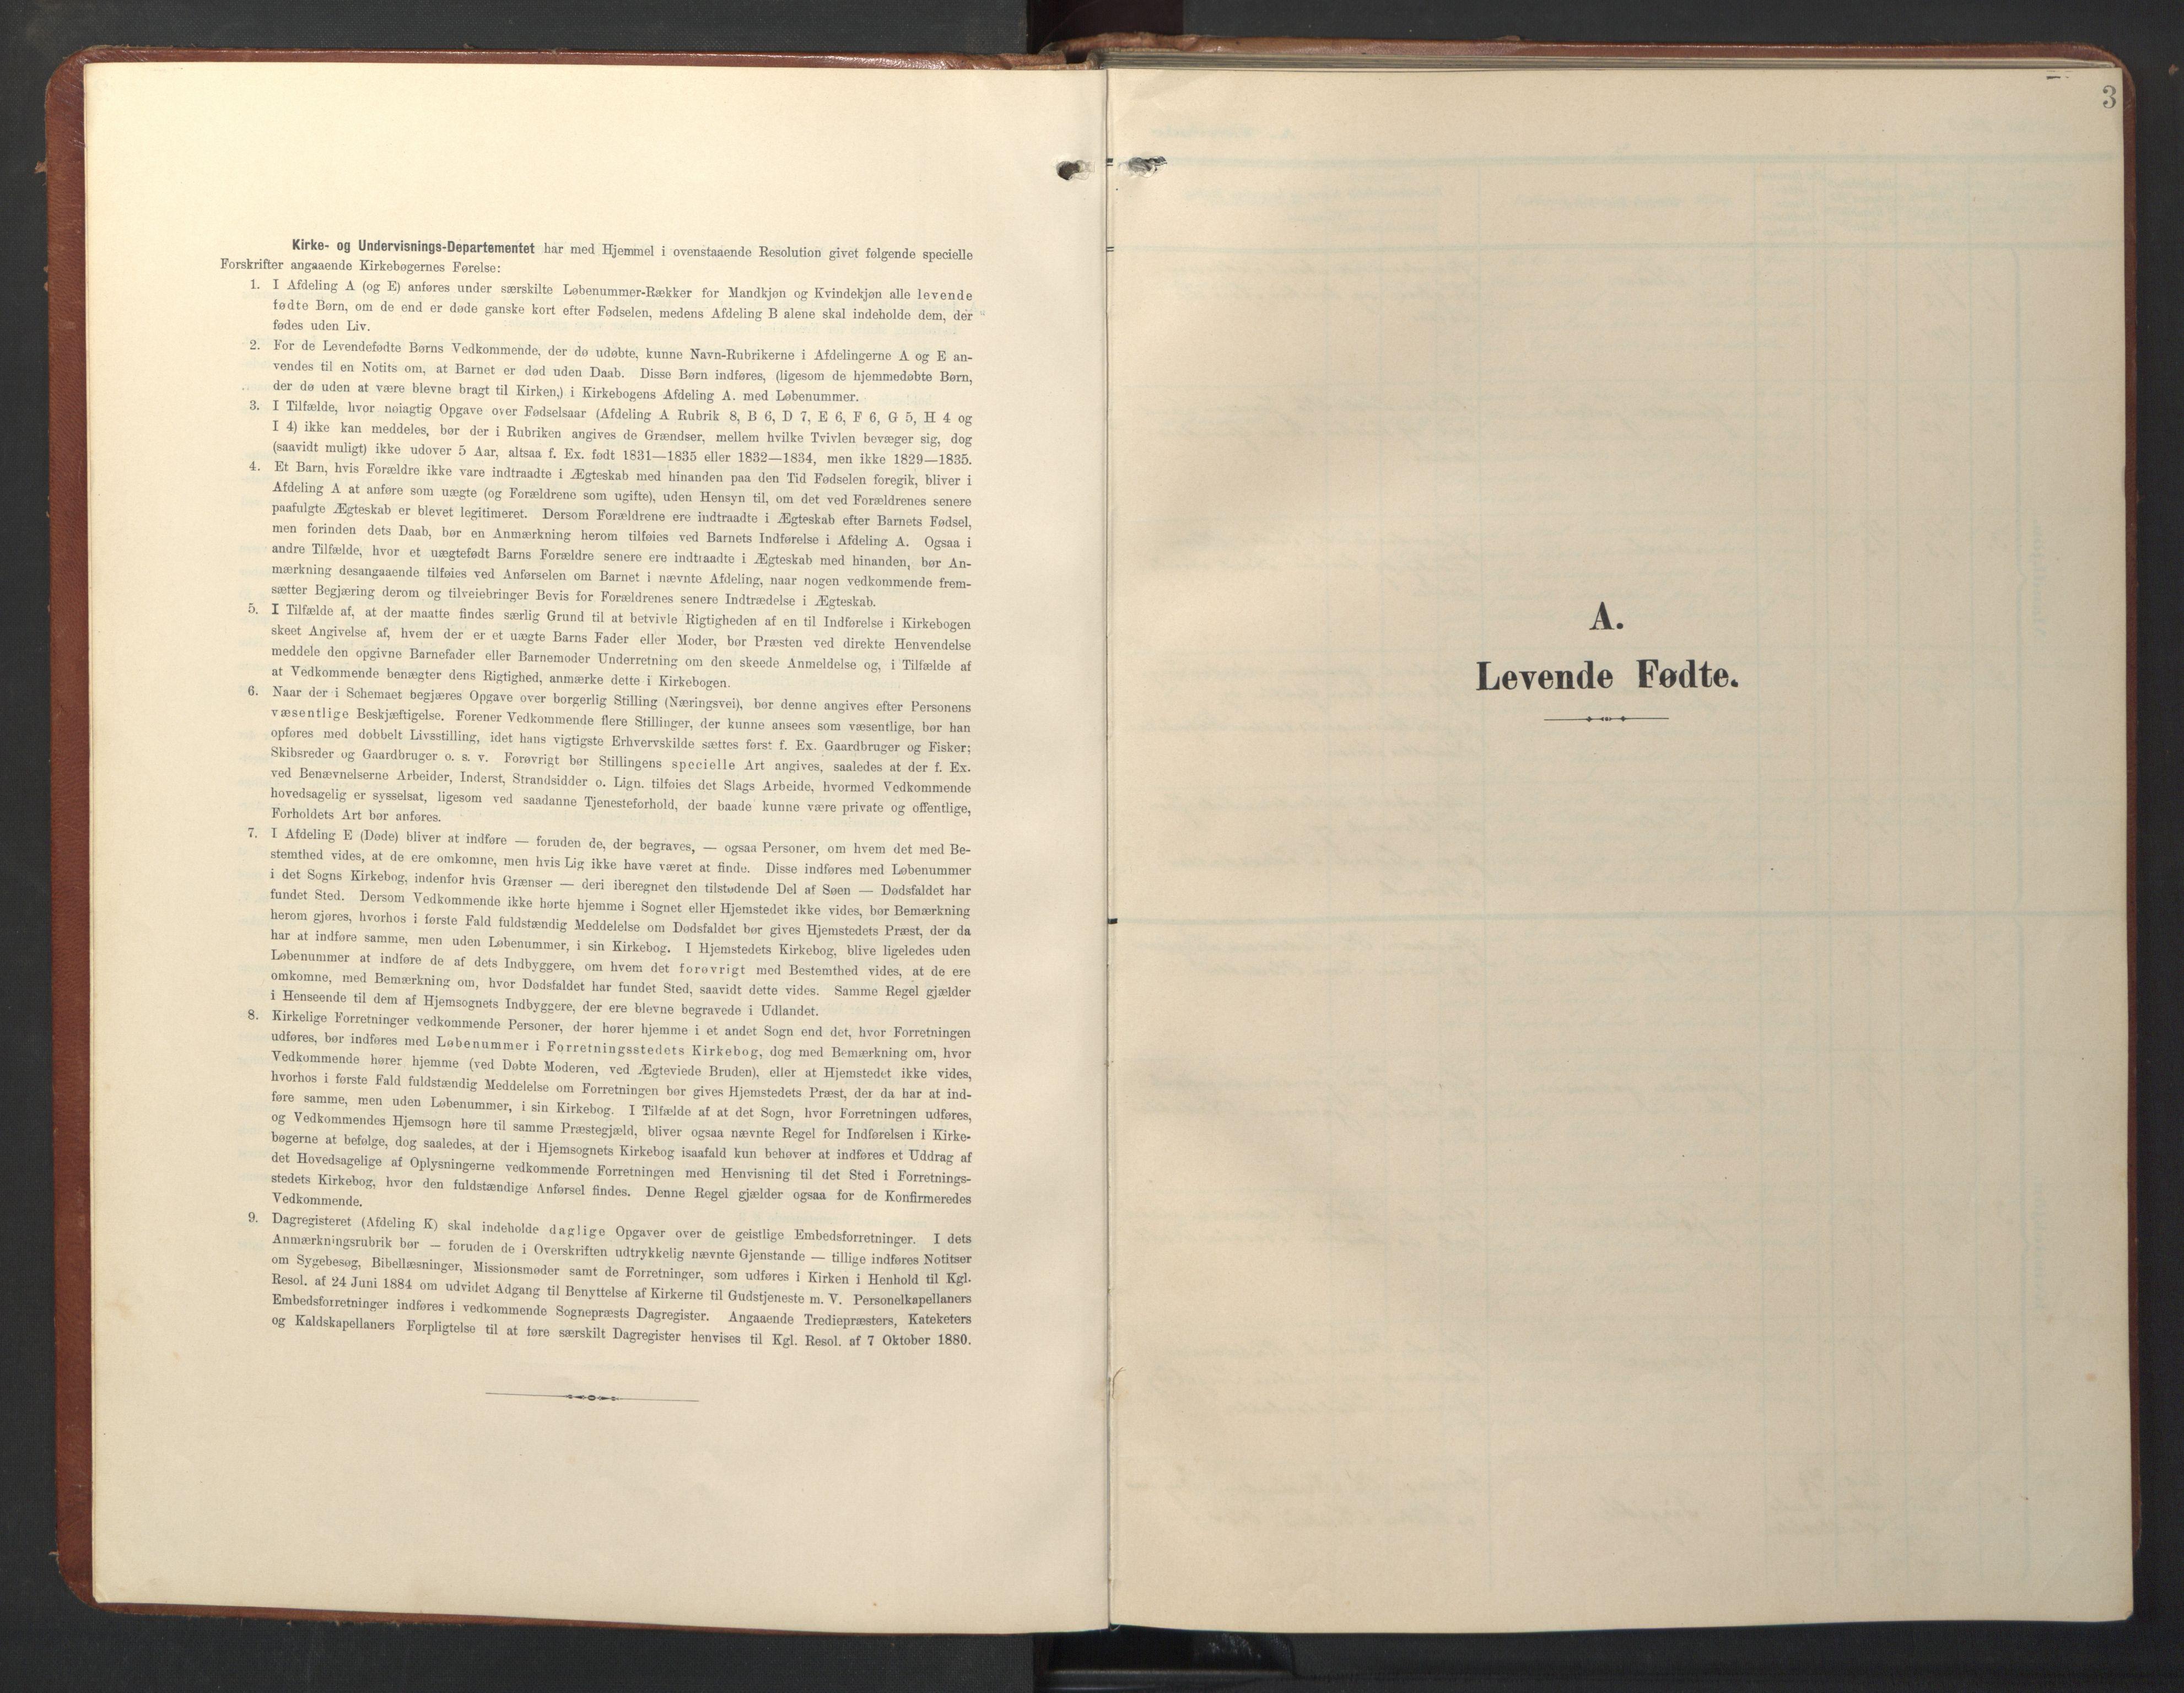 SAT, Ministerialprotokoller, klokkerbøker og fødselsregistre - Sør-Trøndelag, 696/L1161: Klokkerbok nr. 696C01, 1902-1950, s. 3